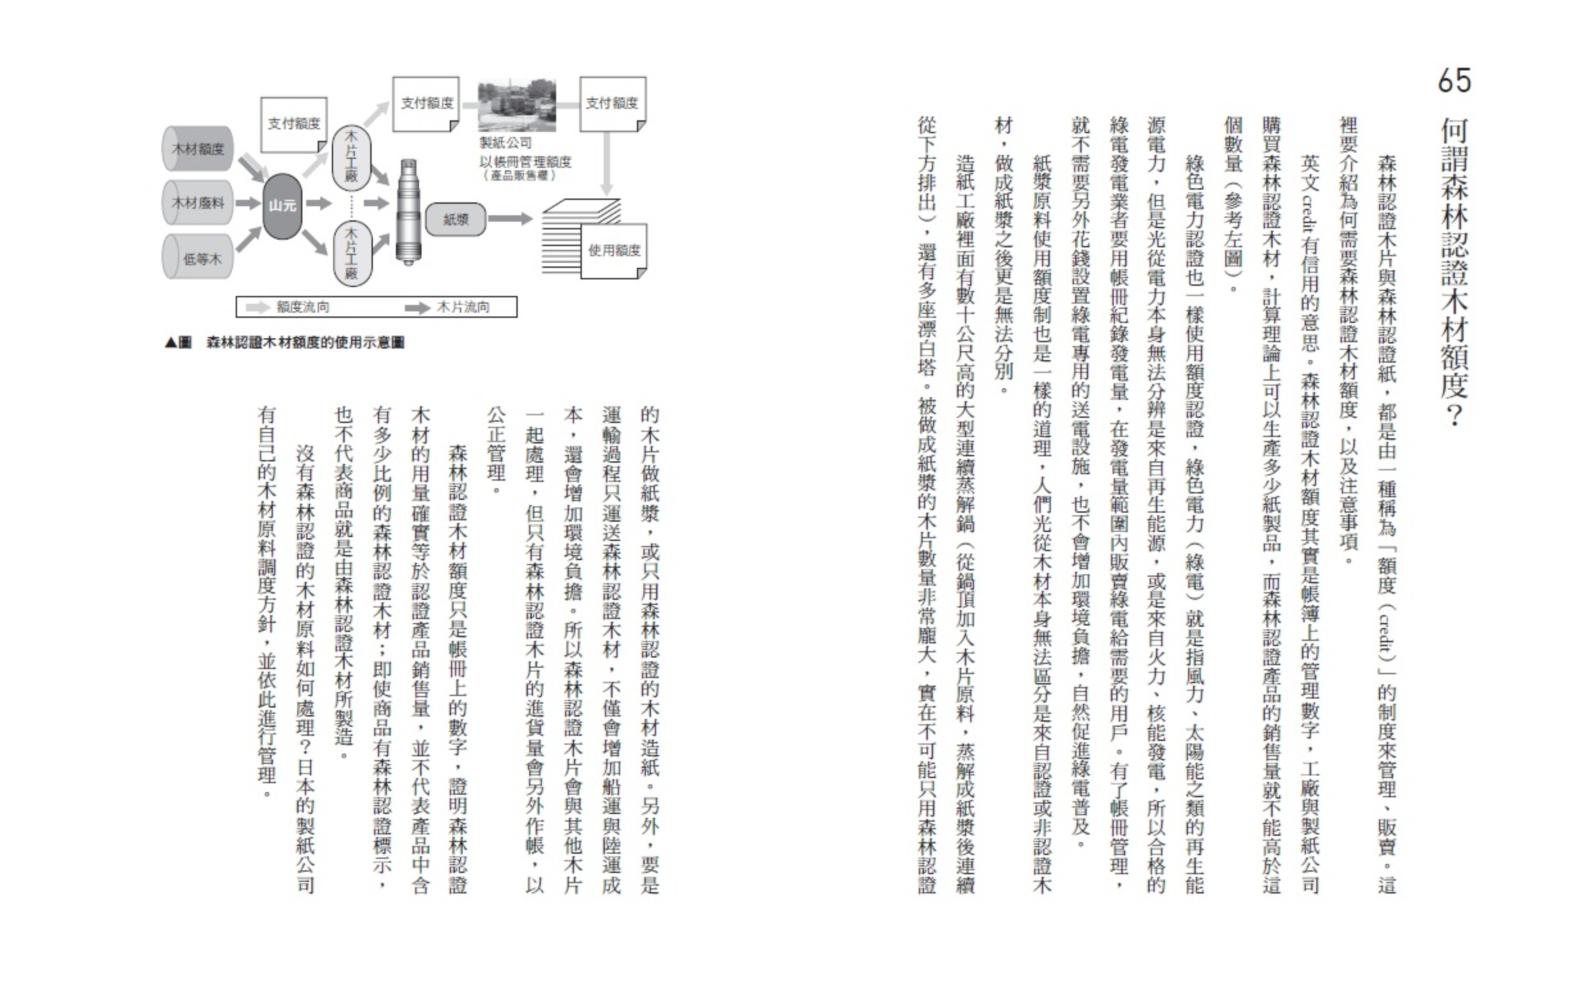 紙的百知識:發明、製造、應用、再生,100個關於紙的知識考